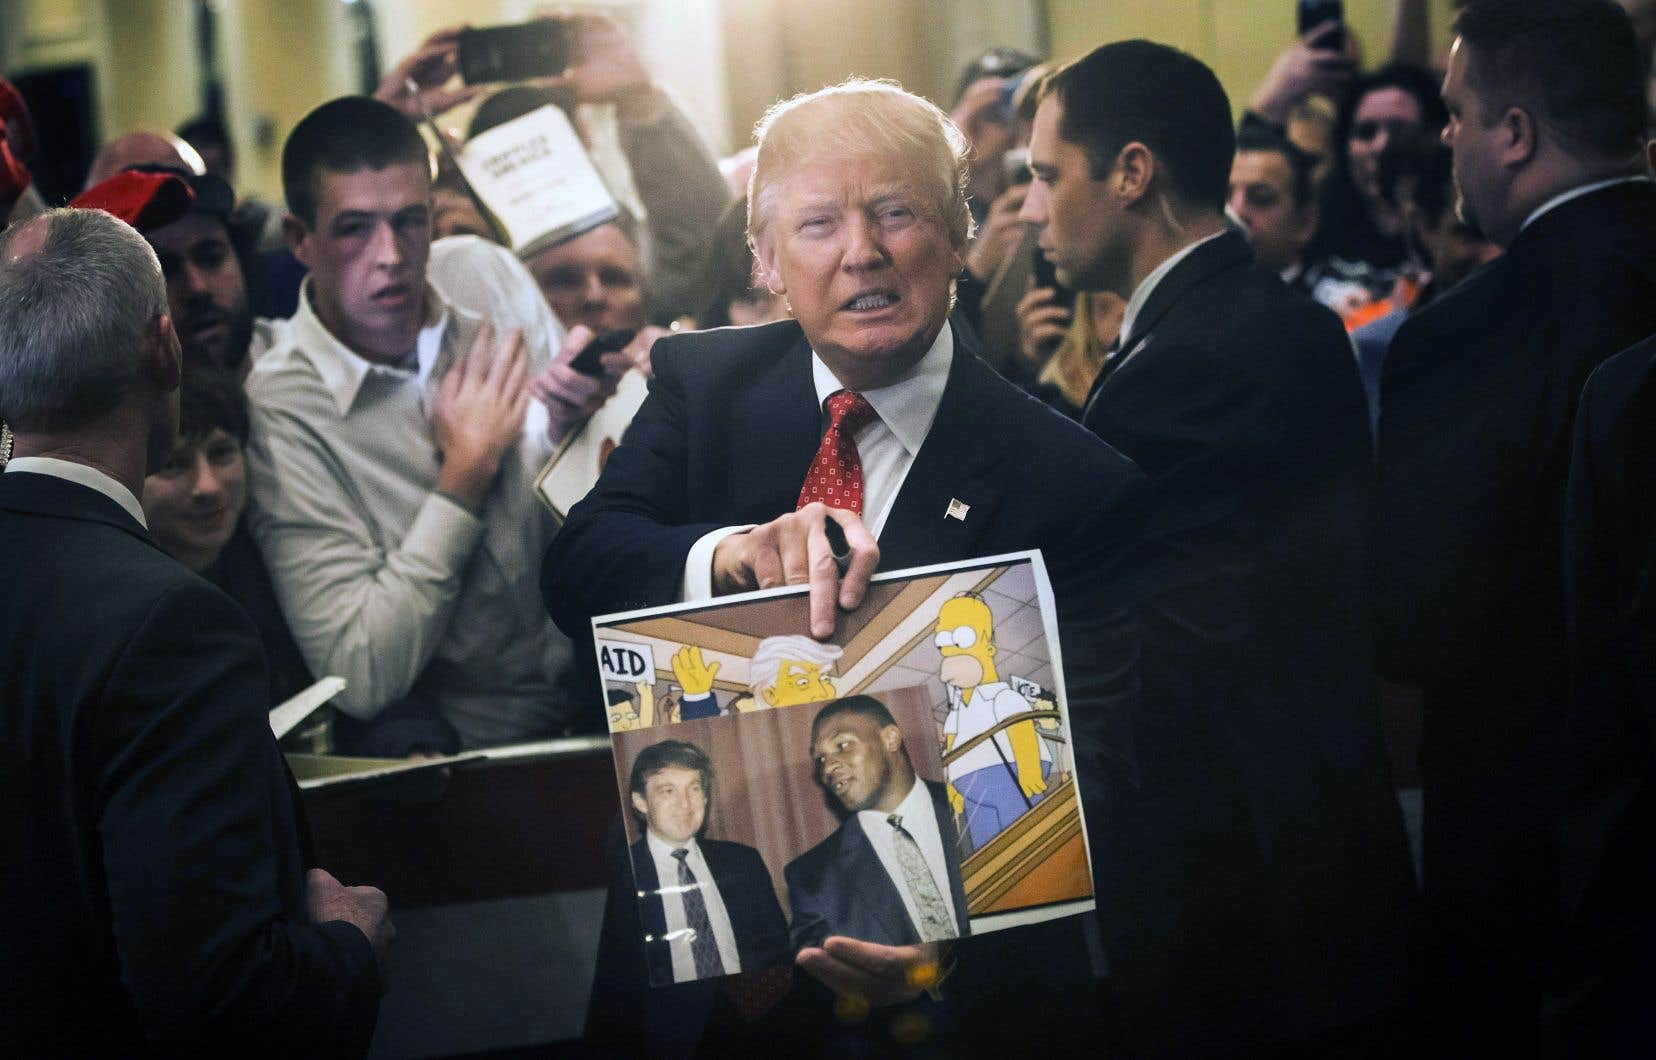 Donald Trump tient une photo le représentant avec Mike Tyson et une autre le représentant dans «Les Simpson». En effet, la série avait mis en scène la victoire du président américain dans un de ses épisodes.